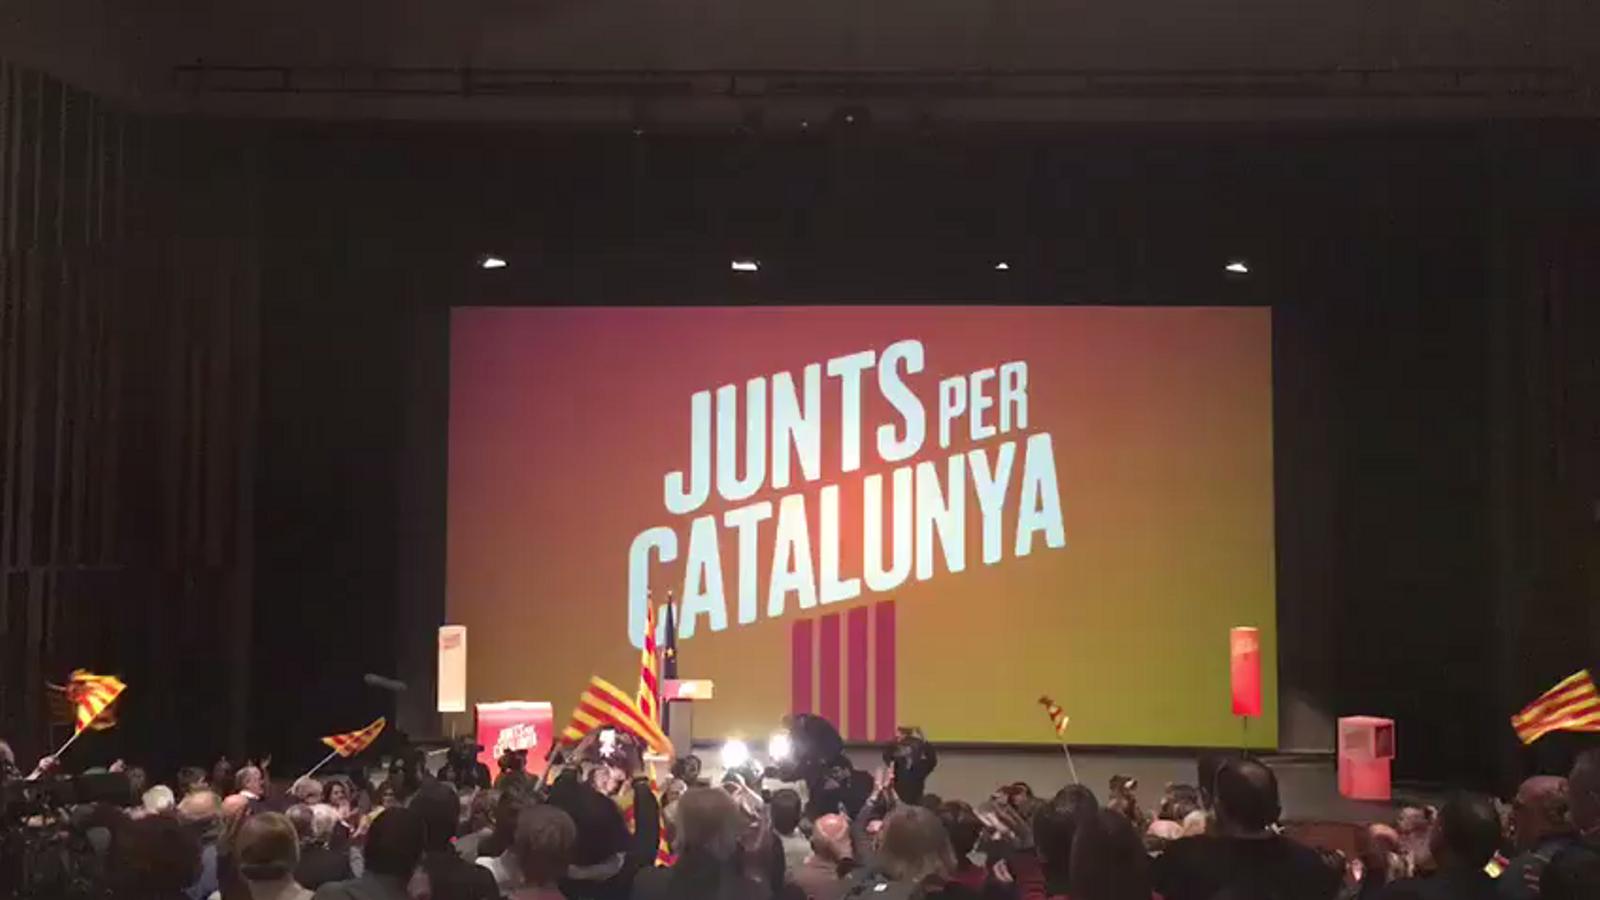 Jordi Turull, ovacionat al míting de Junts per Catalunya a Vic